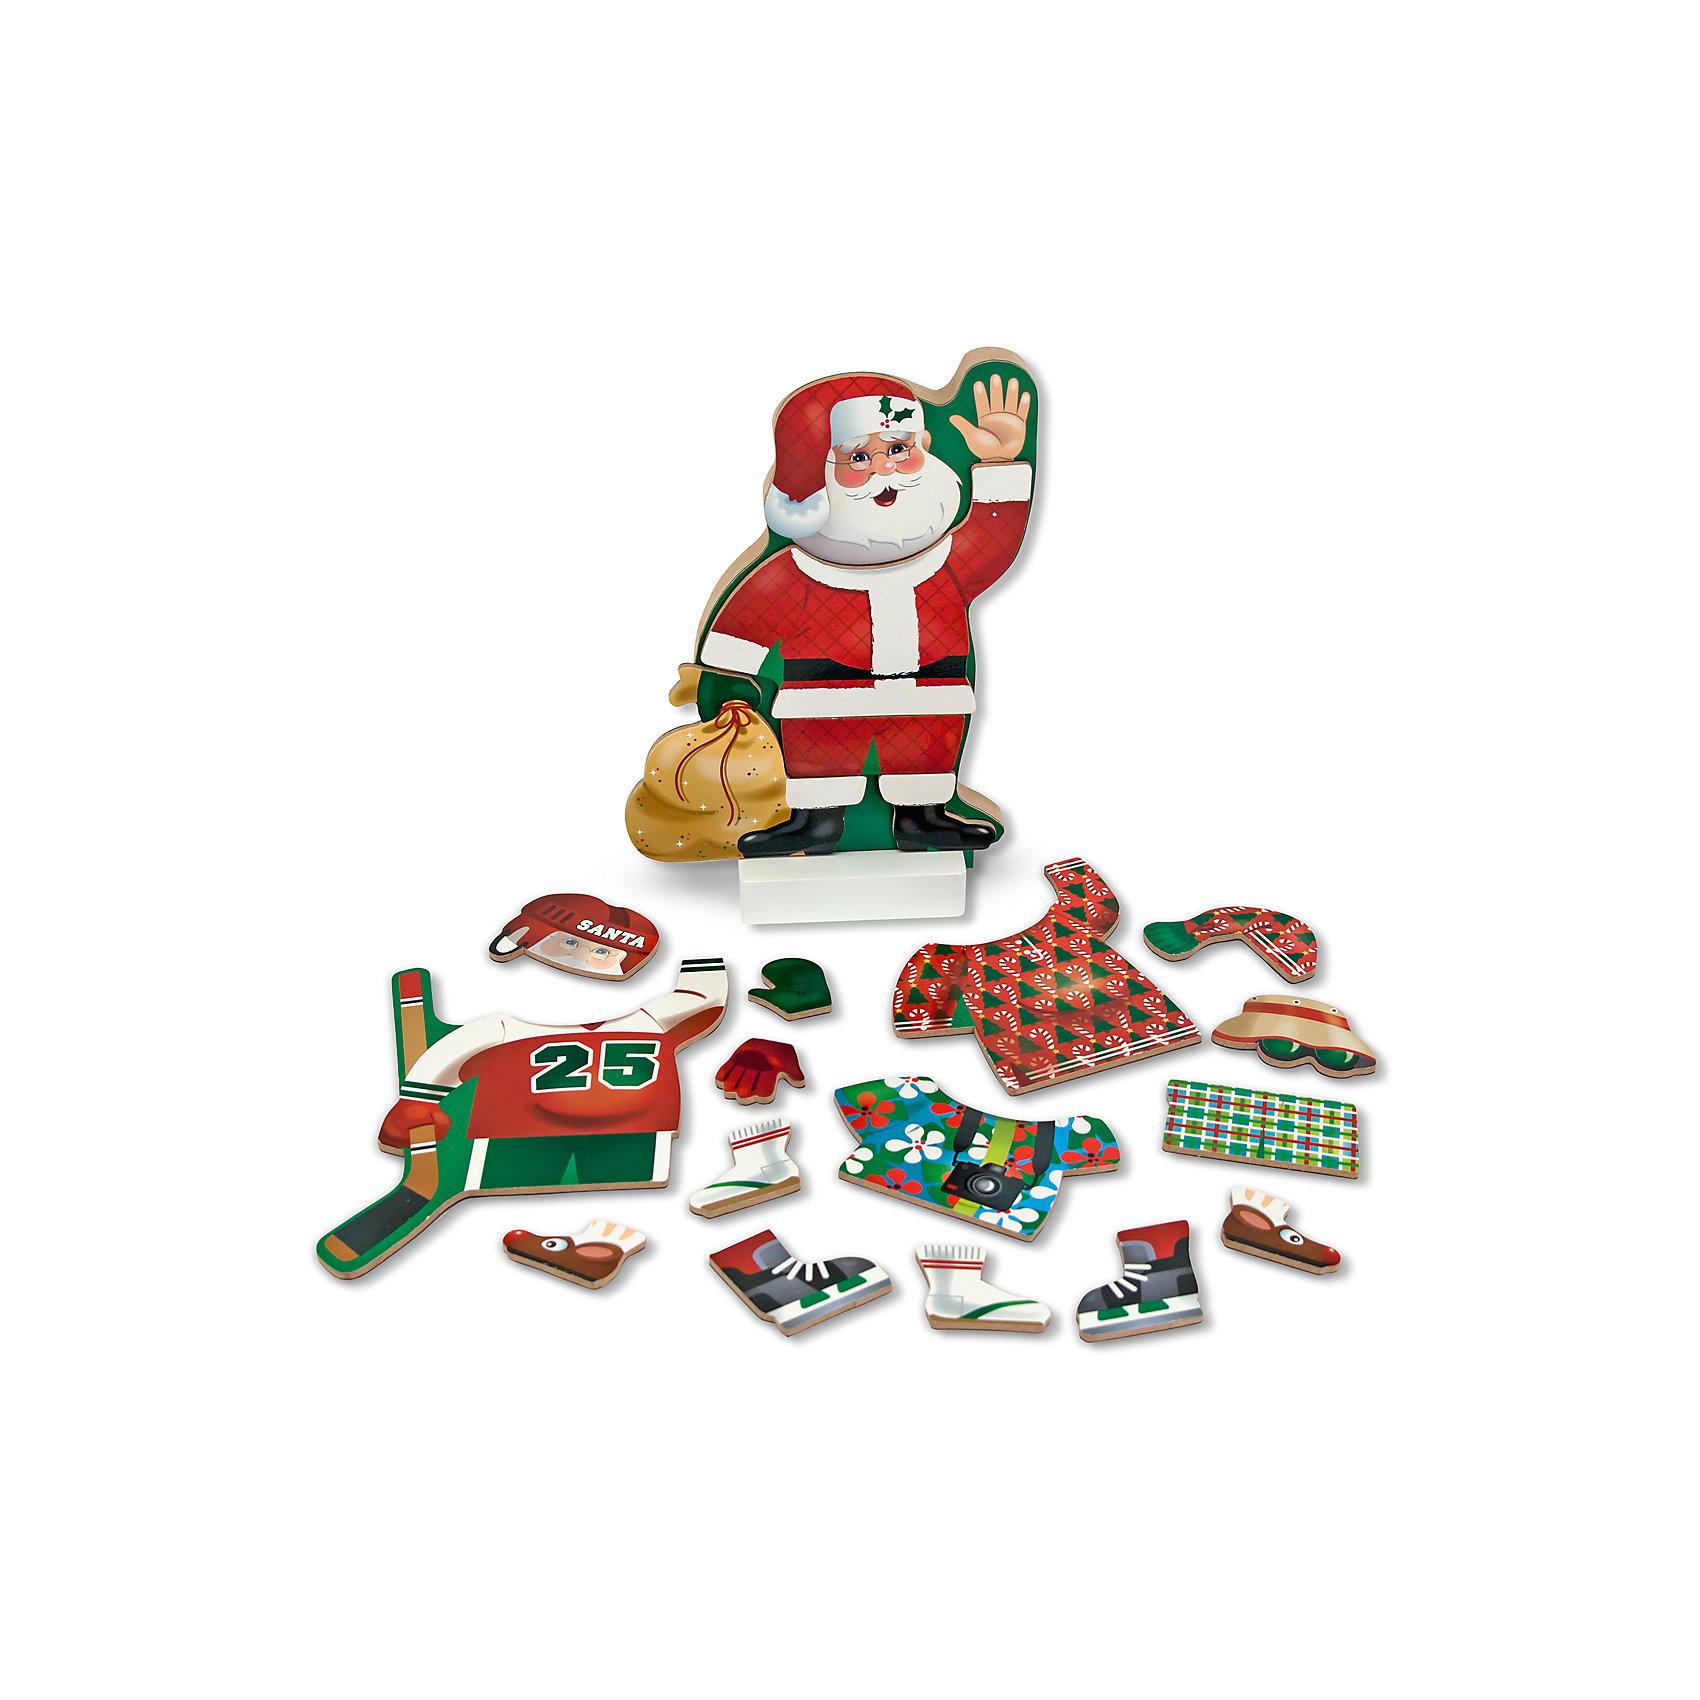 Магнитная игра Переодень Санту, Melissa &amp; DougМагнитная игра Переодень Санту, Melissa &amp; Doug (Мелисса и Даг) состоит из 21 элемента одежды на магнитной основе, с помощью которых можно создавать различные образы Санта Клауса. Пусть Ваш малыш подберет Санте подходящий костюм для каждого случая, например, игры в хоккей или отдыха! В процессе игры ребенок приобретет аккуратность, точность движений, разовьет мелкую моторику и воображение. <br><br>Комплектация: фигурка Санта Клауса, 21 элемент одежды на магнитах<br><br>Дополнительная информация:<br>-Материалы: дерево, прессованный картон, ПВХ<br>-Вес в упаковке: 815 г<br>-Размеры в упаковке: 30х30х22 см<br> <br>Яркий и интересный набор станет неожиданным и приятным подарком для Вашего ребенка и займет его на долгое время в увлекательной игре!<br><br>Магнитная игра Переодень Санту, Melissa &amp; Doug (Мелисса и Даг) можно купить в нашем магазине.<br><br>Ширина мм: 300<br>Глубина мм: 300<br>Высота мм: 220<br>Вес г: 815<br>Возраст от месяцев: 24<br>Возраст до месяцев: 60<br>Пол: Унисекс<br>Возраст: Детский<br>SKU: 4235396